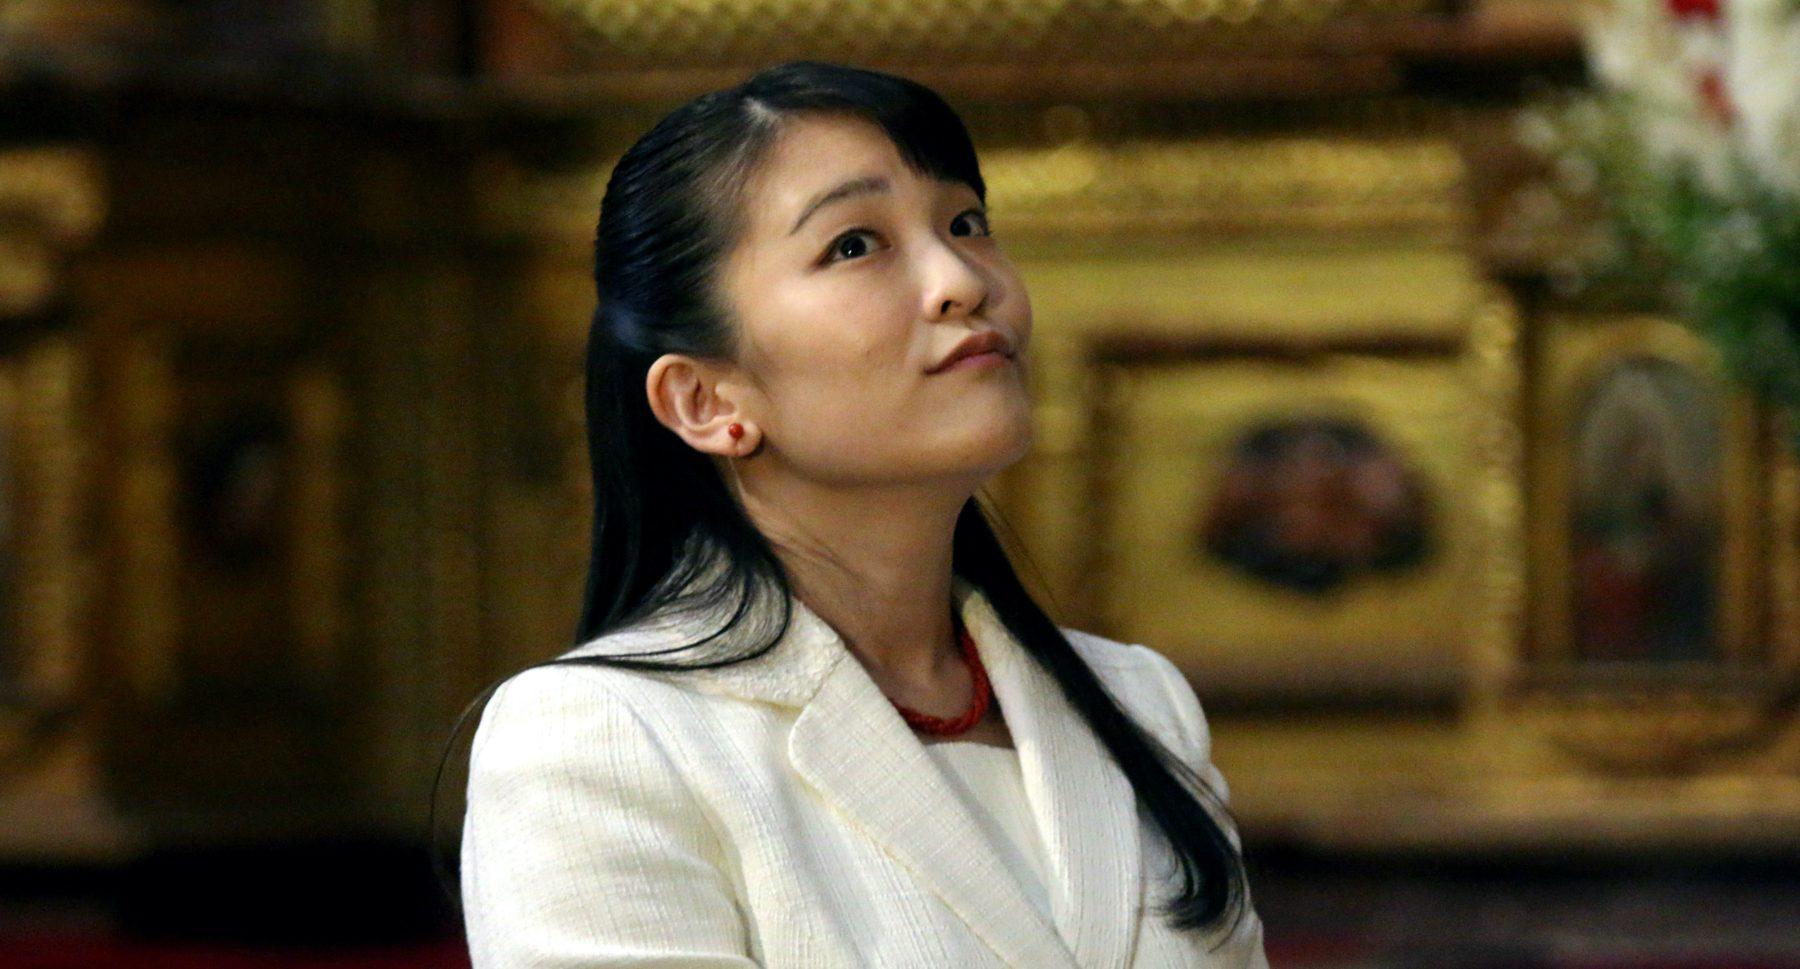 Japanse prinses levert titel en geld in voor huwelijk met 'gewone' man